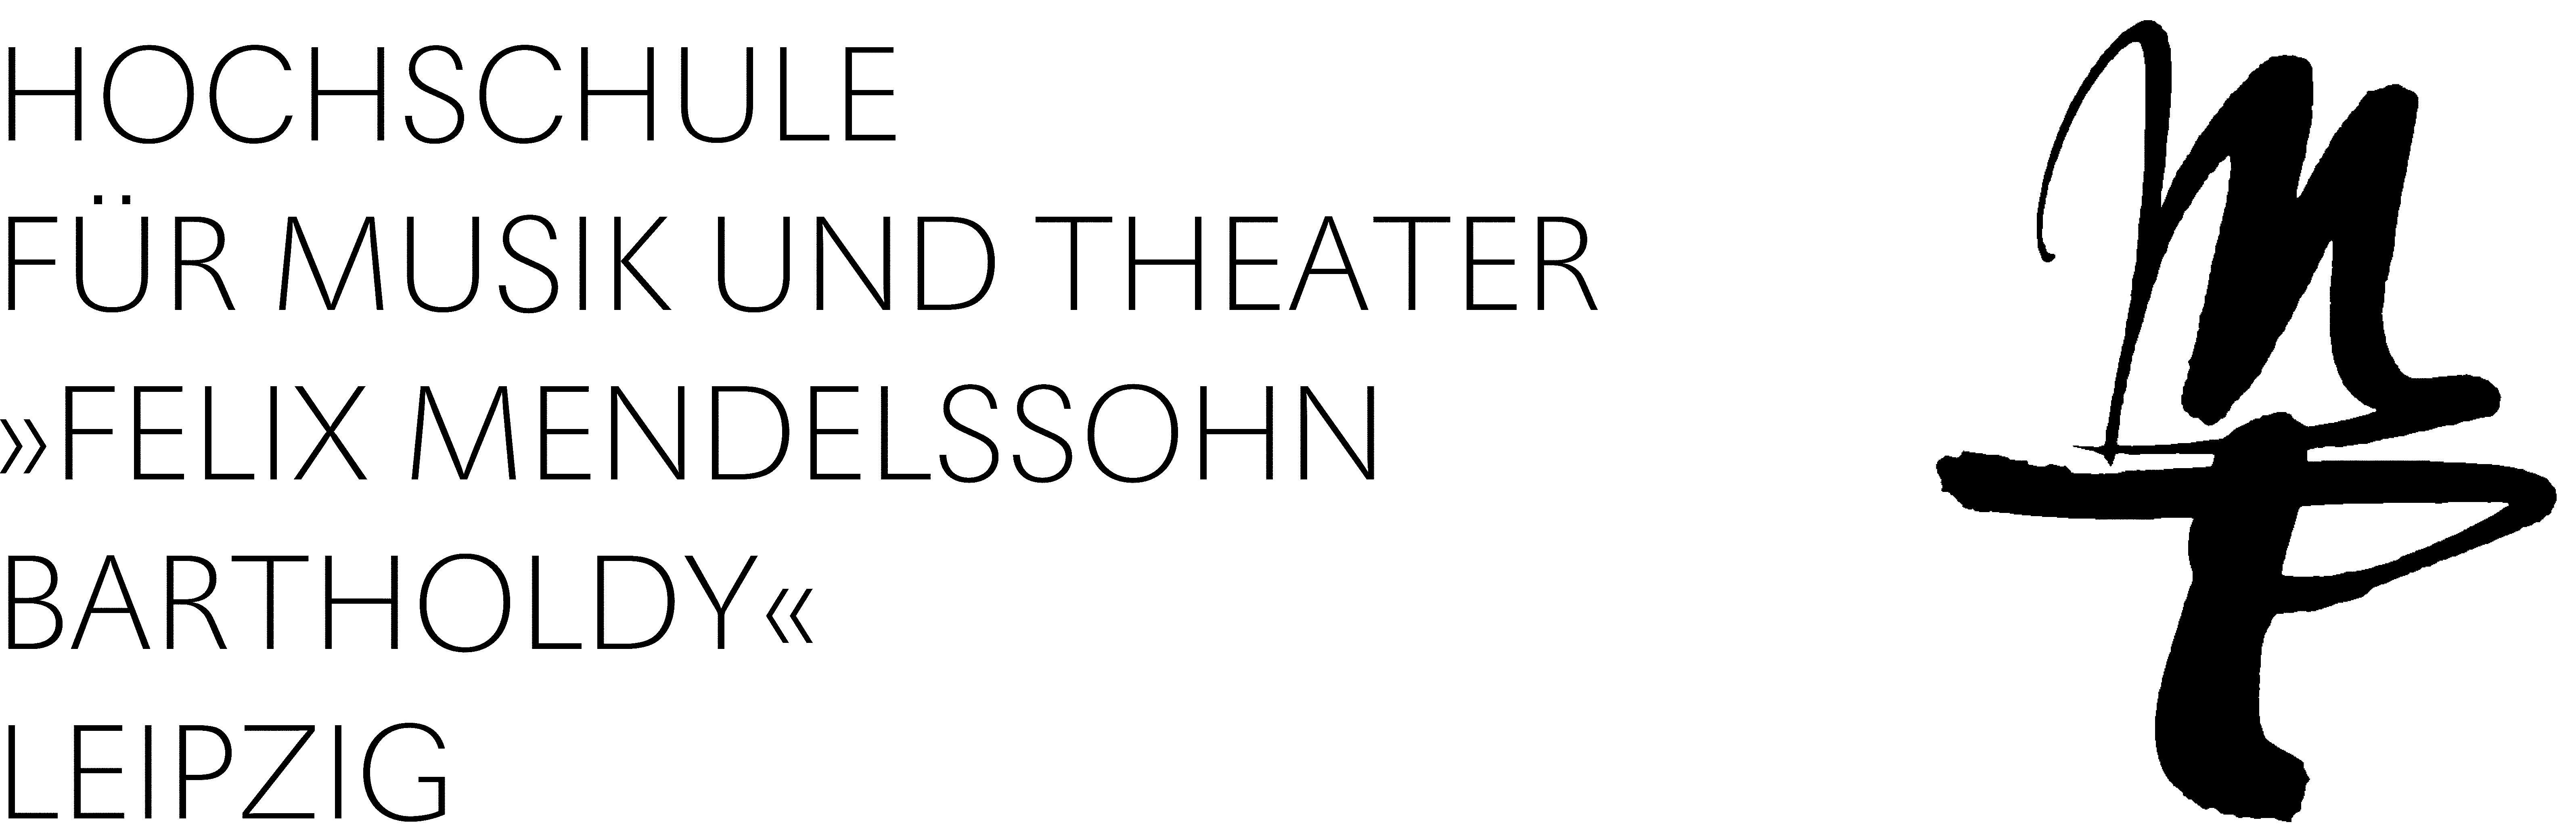 """Hochschule für Musik und Theater """"Felix Mendelssohn Bartholdy"""" Leipzig"""